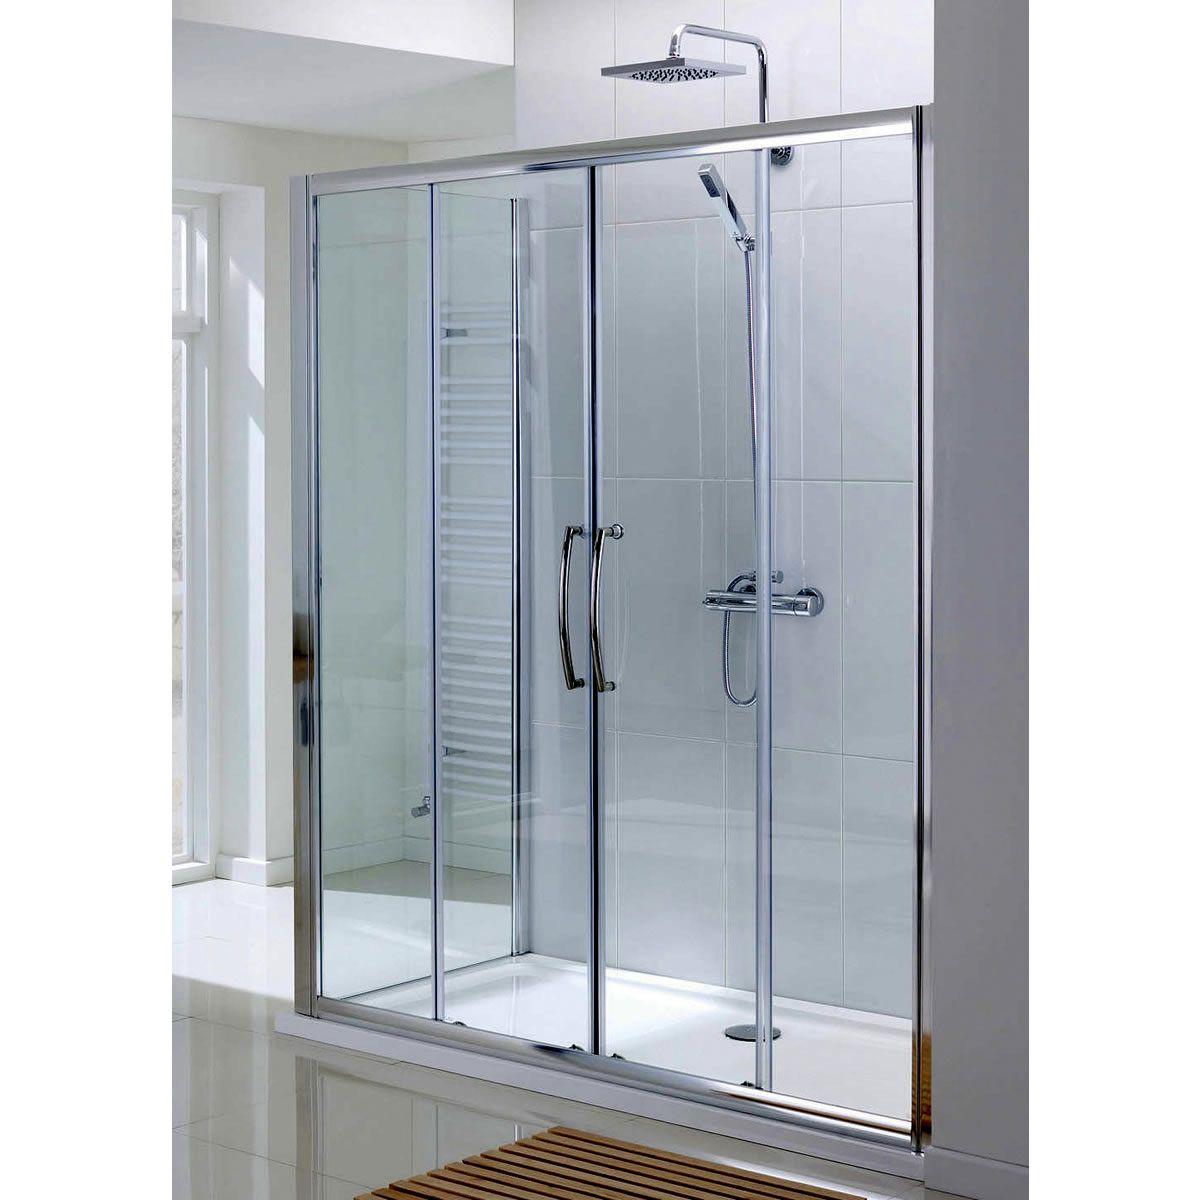 Lakes classic semi frameless double sliding shower door for 1200 slider shower door